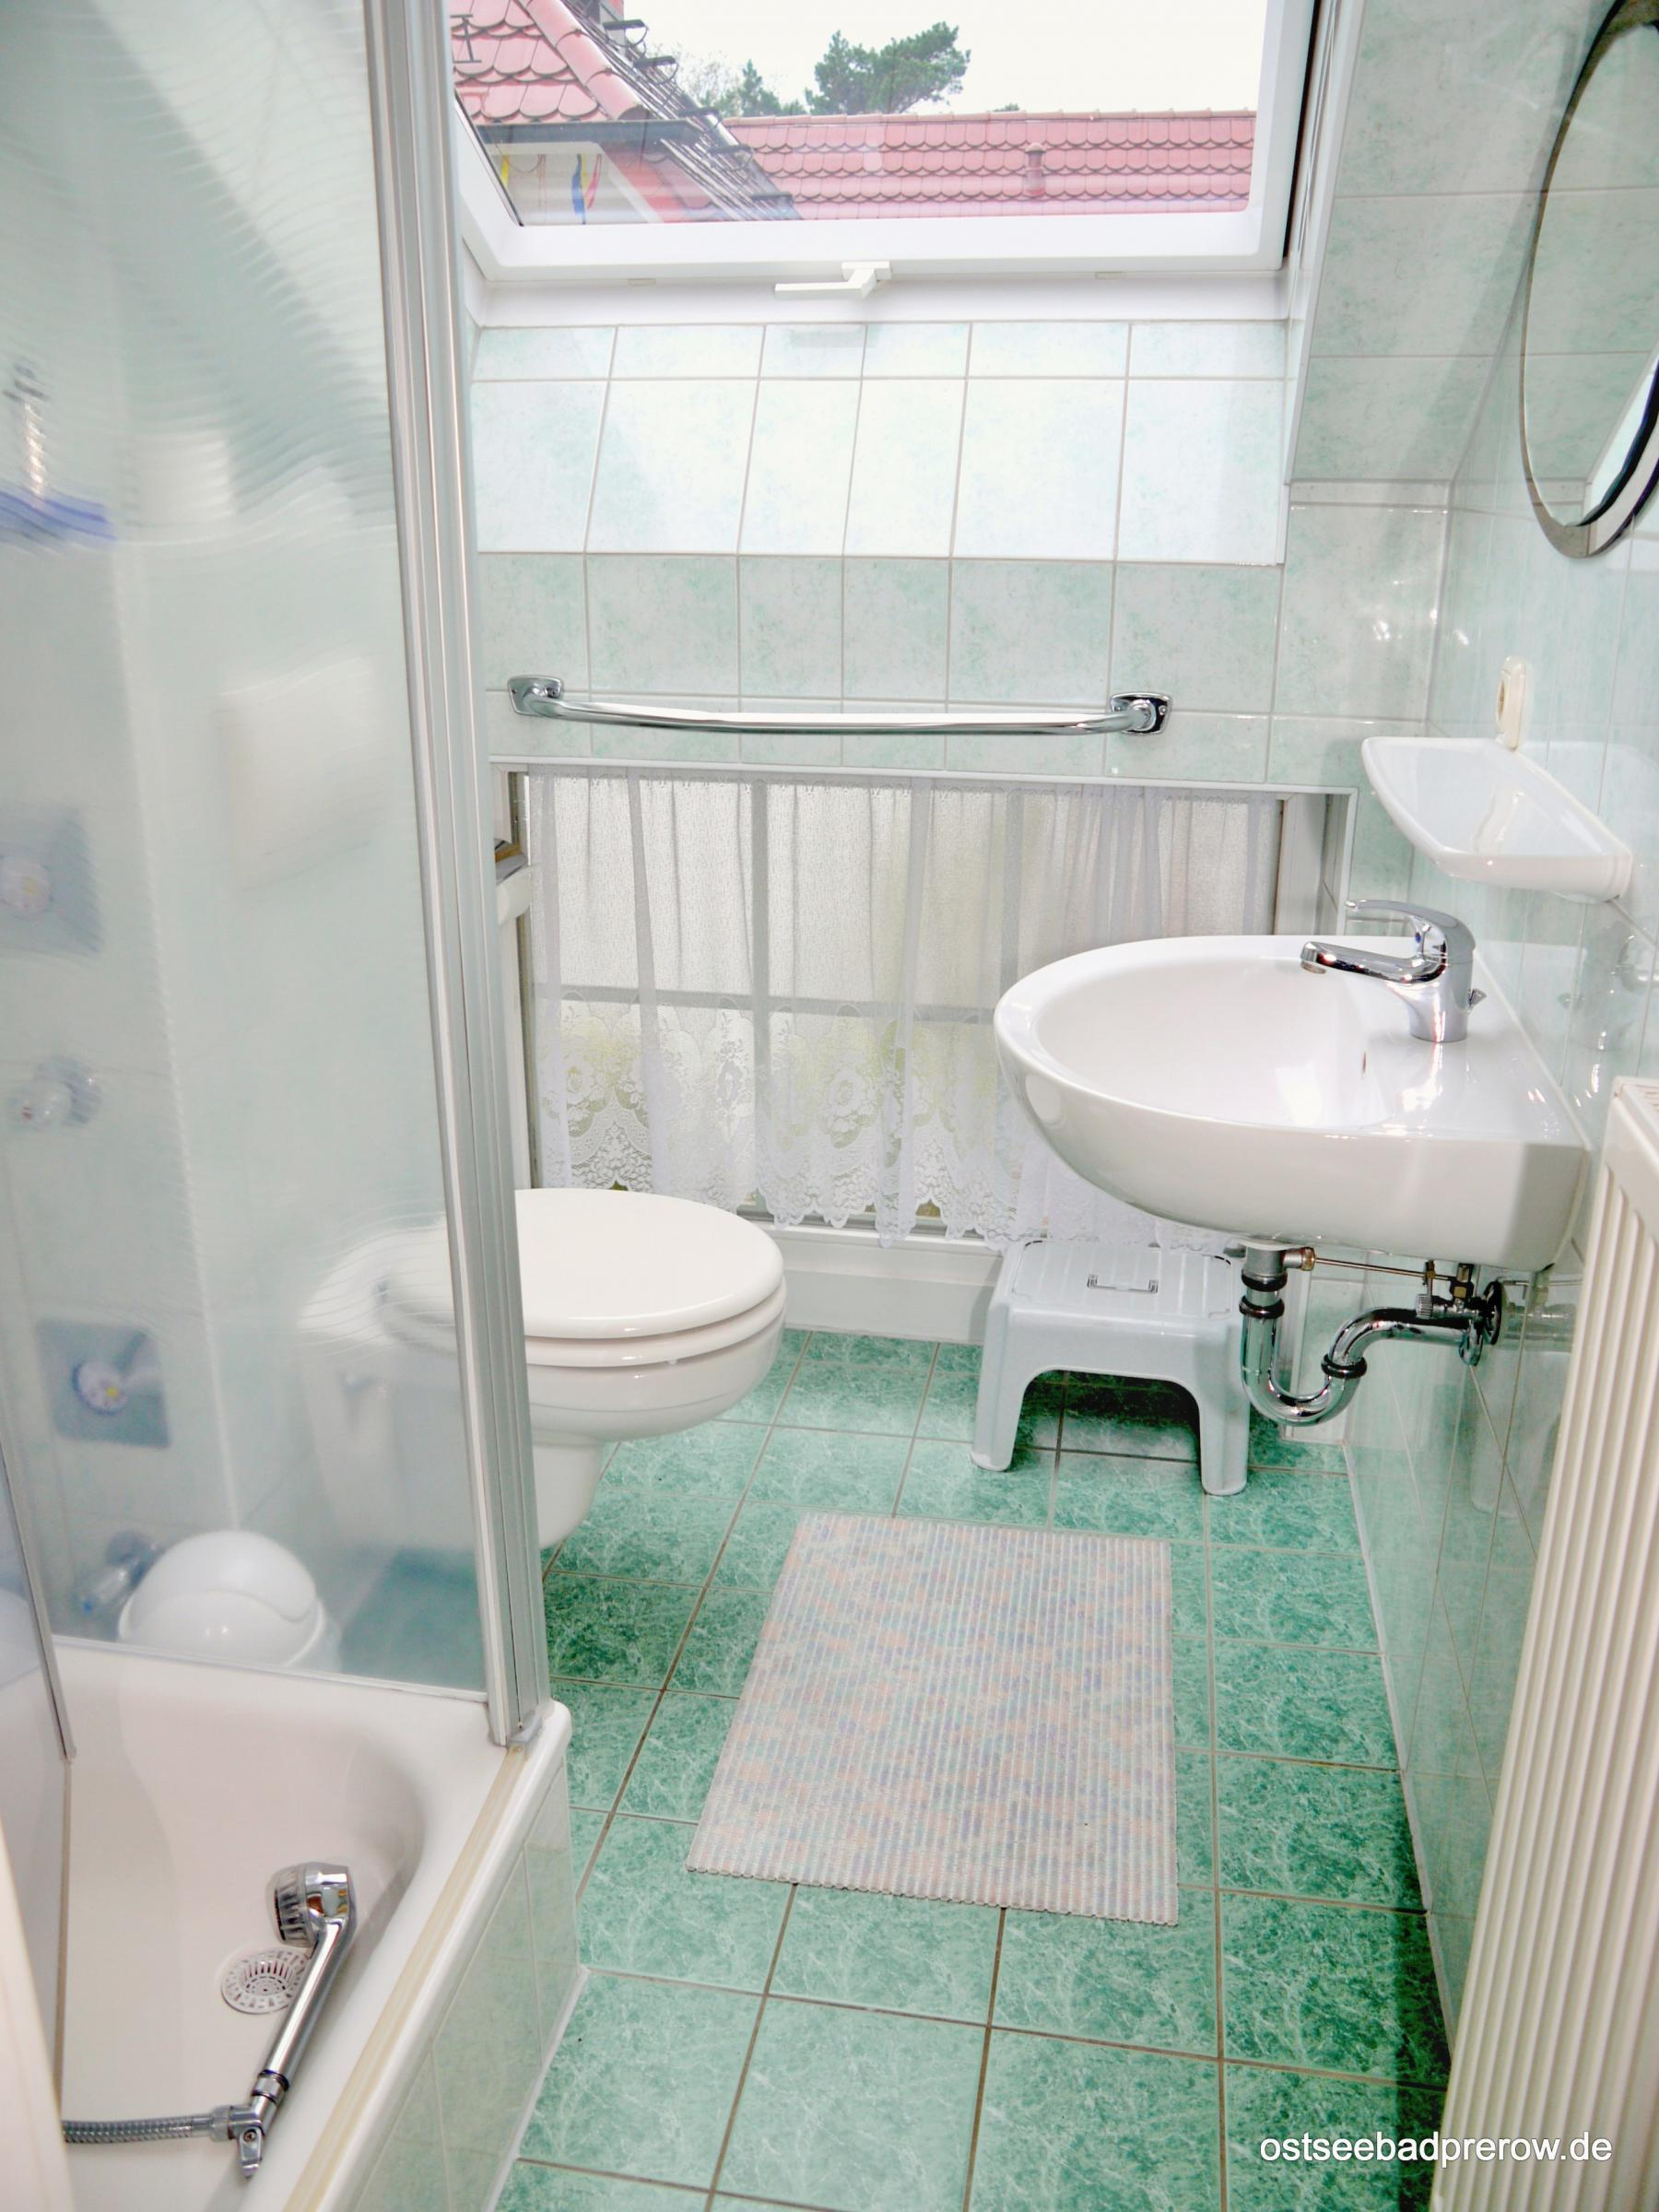 2. Dusche / WC -  hier die kleinere Dusche/WC am 2. Schlafzimmer